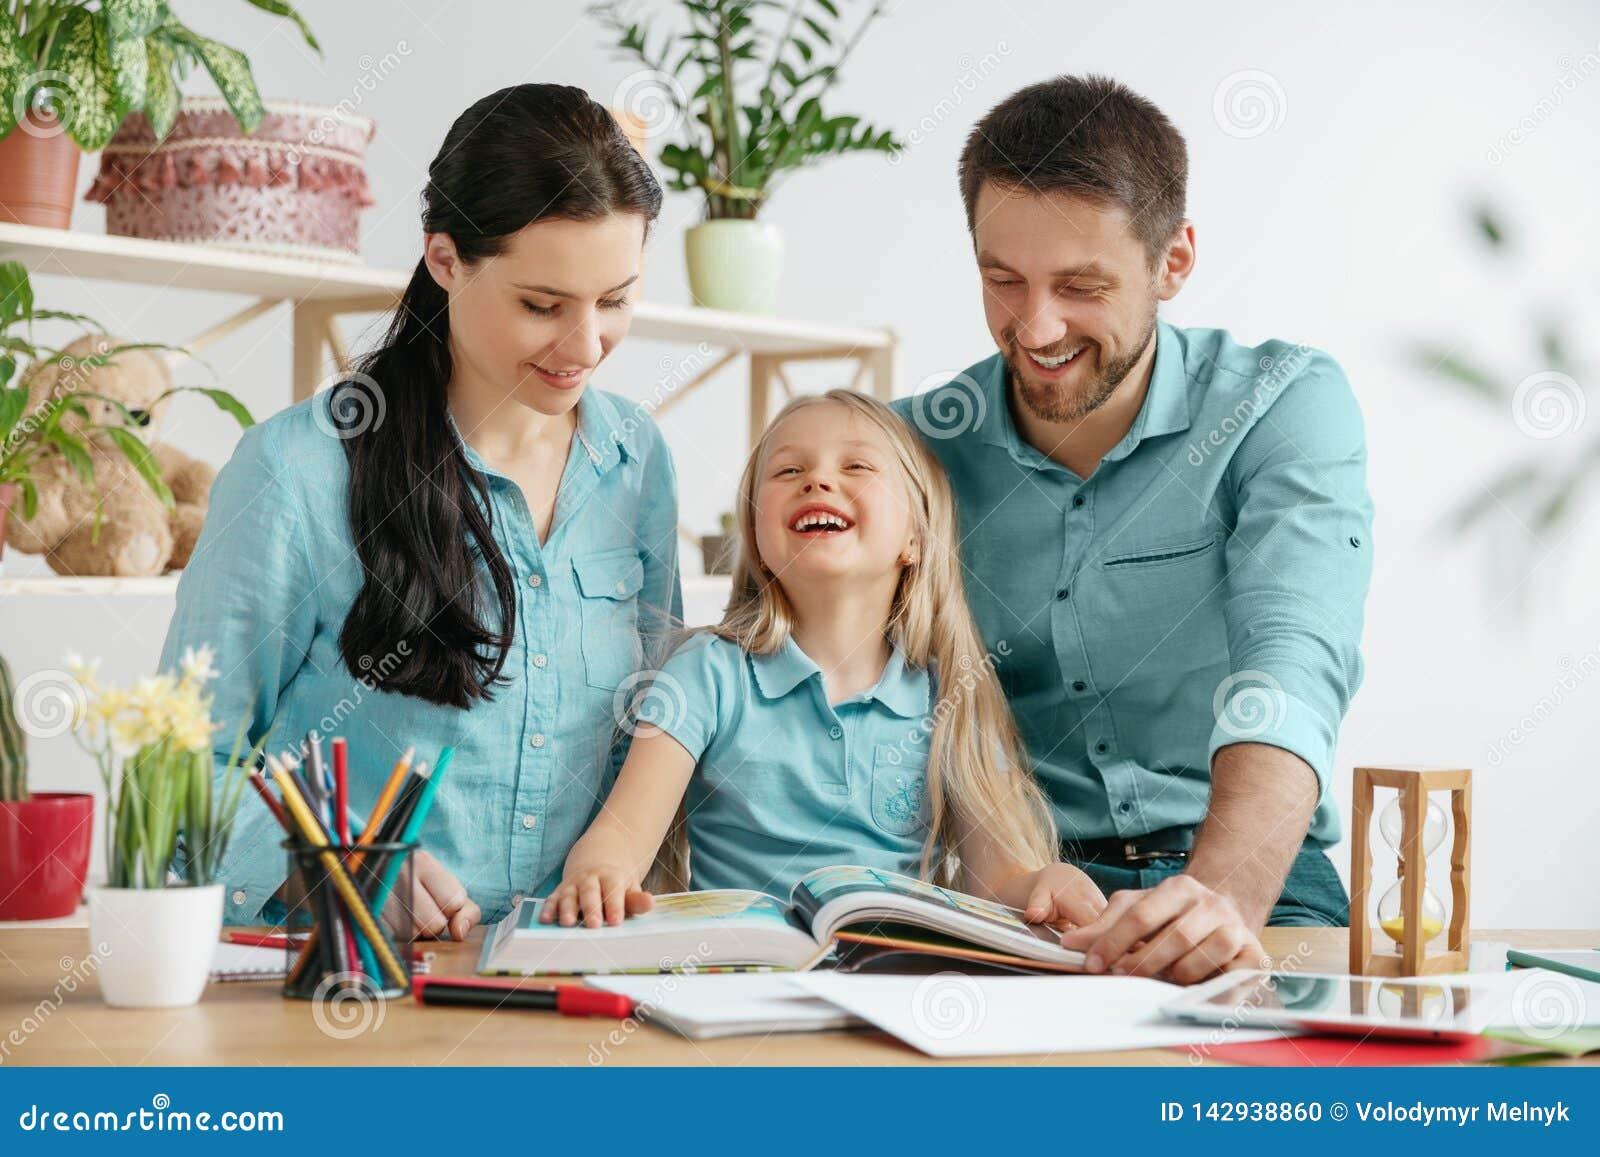 De jonge gelukkige familie brengt samen tijd door Een dag met gehouden van degenen thuis